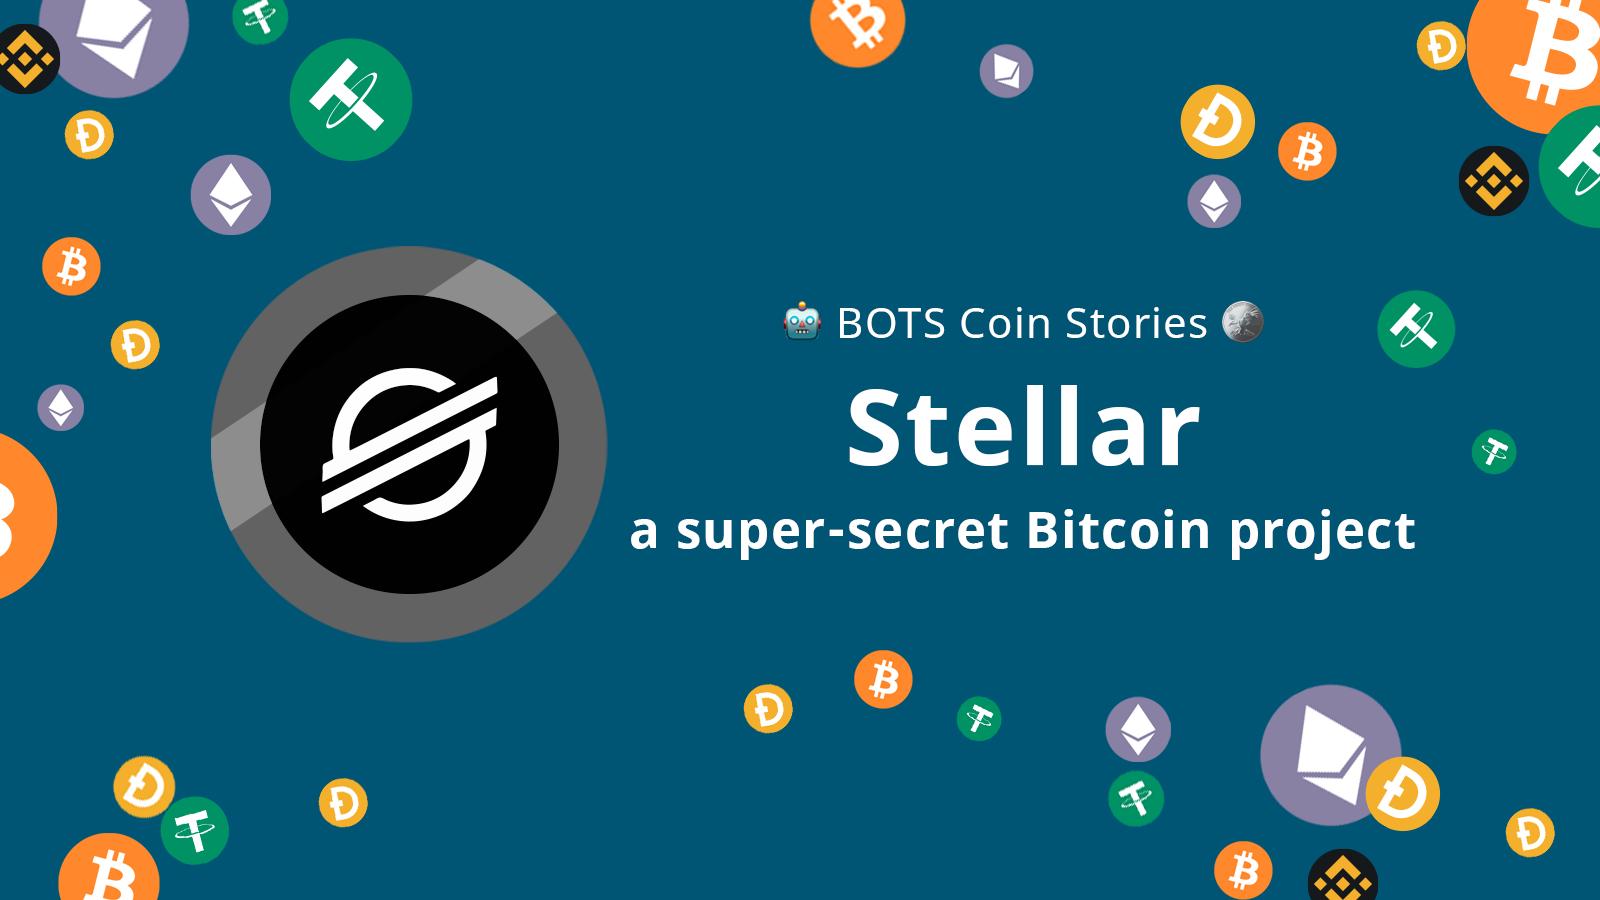 Stellar: a super-secret Bitcoinproject